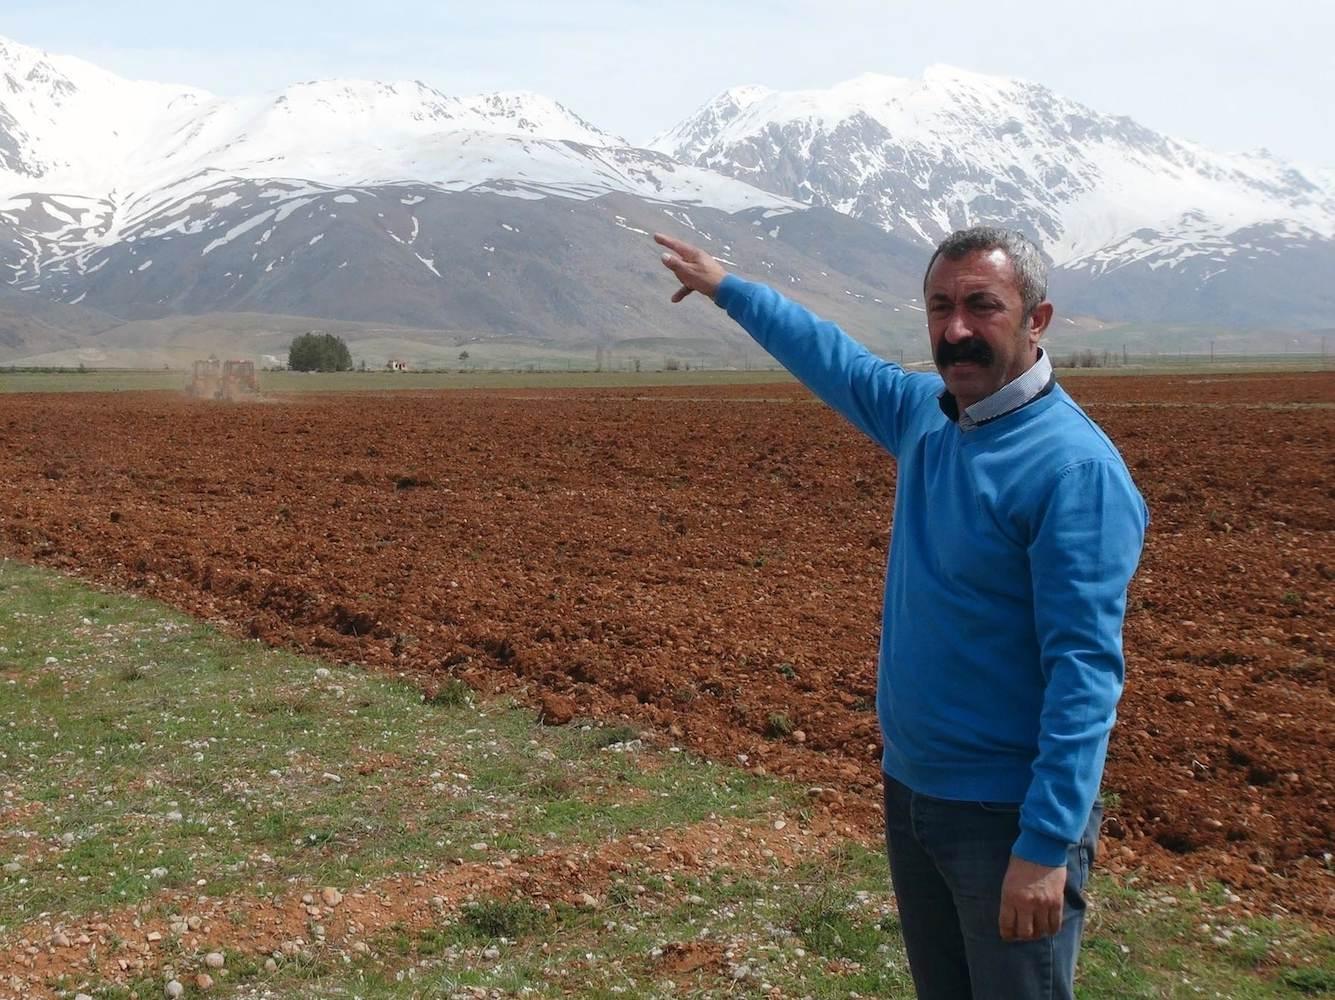 Komünist belediye, örnek tarım uygulamasının sonuçlarını alıyor